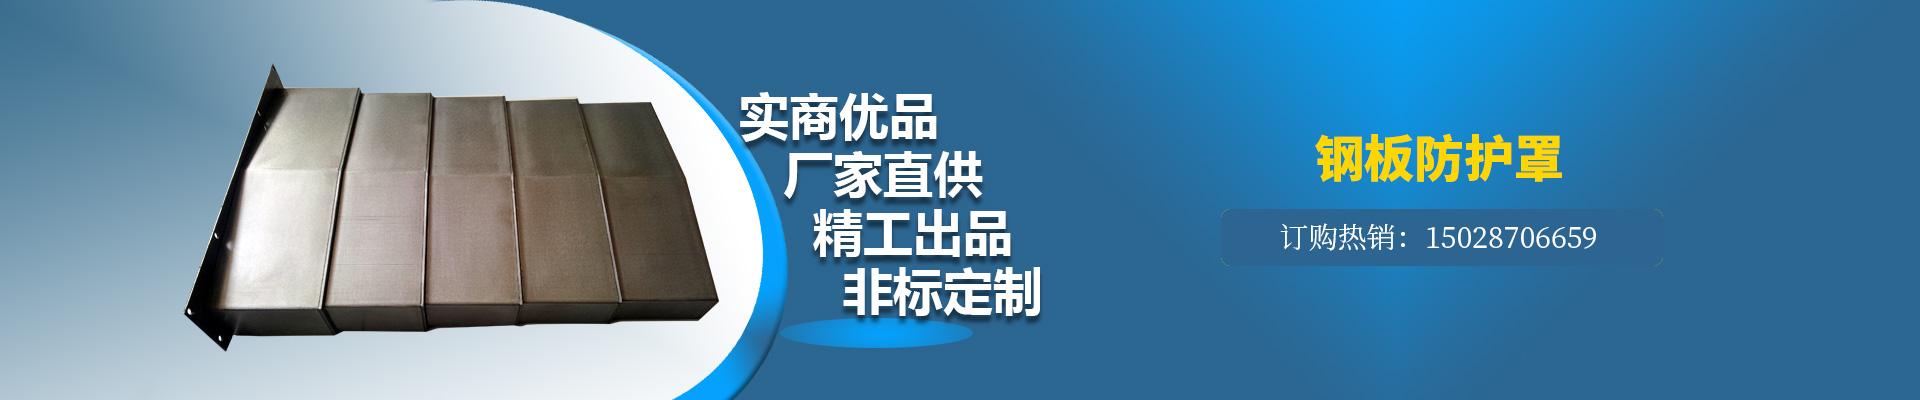 沧州德厚机床附件制造有限公司